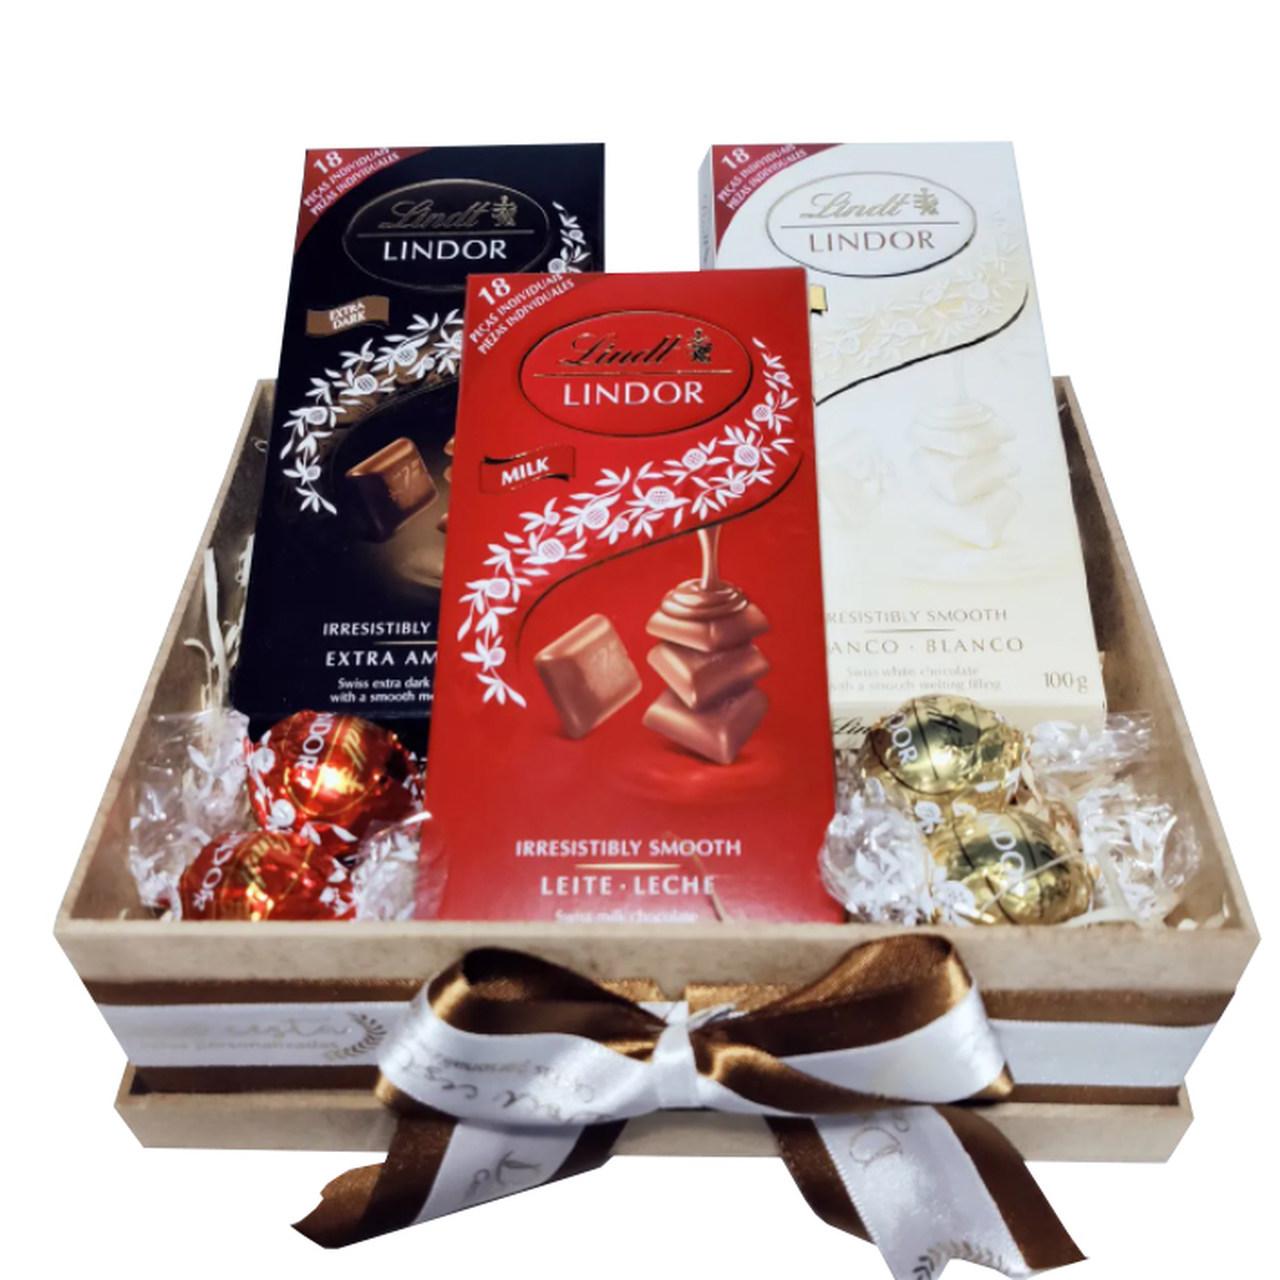 Caixa de Chocolates Lindt